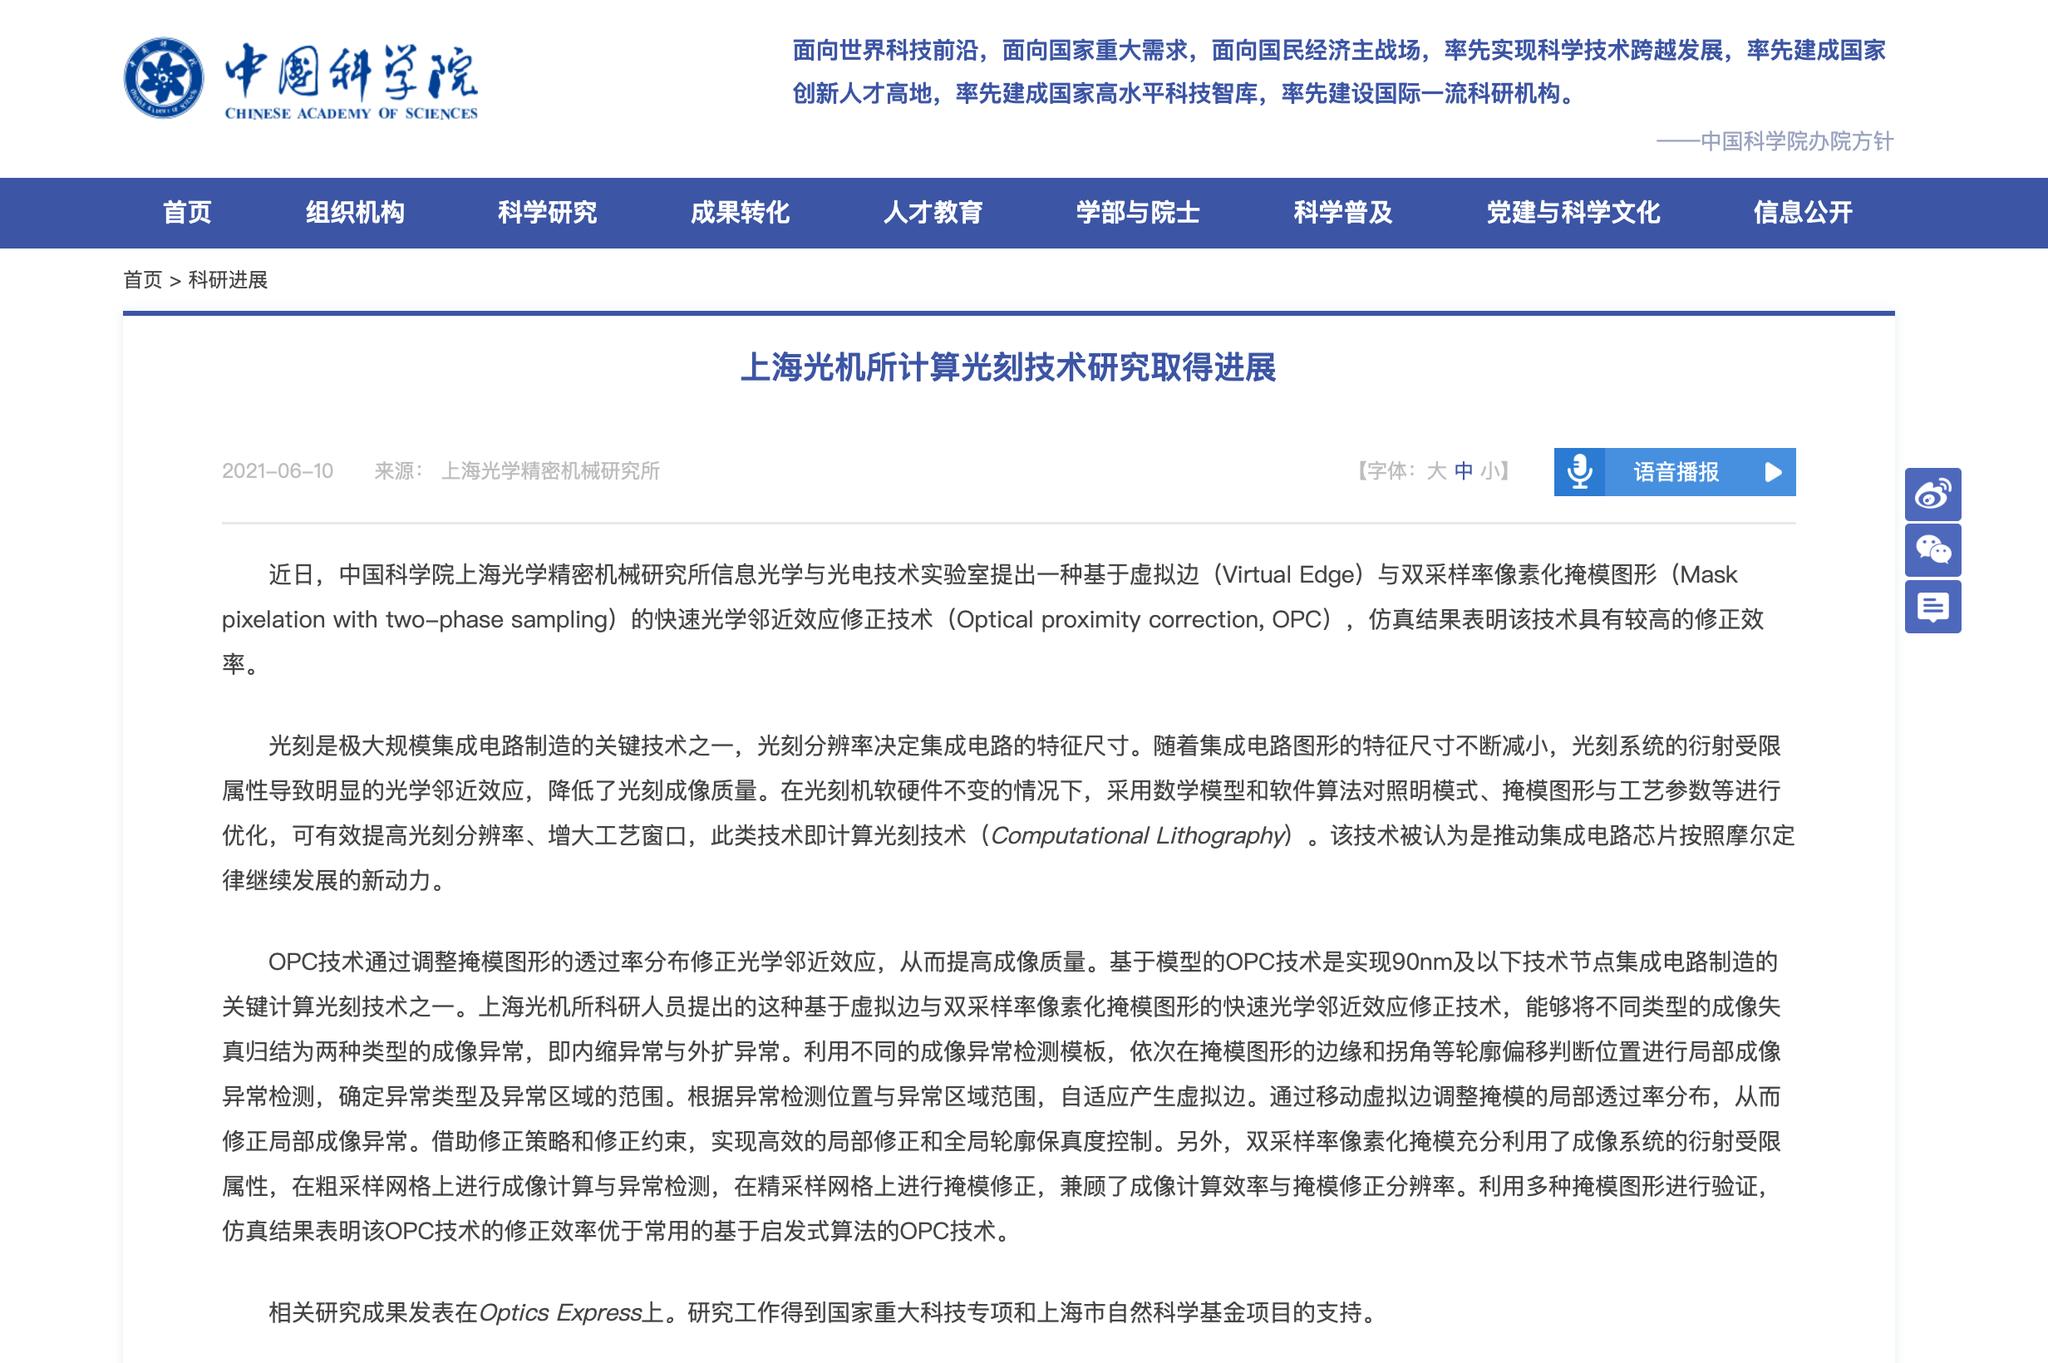 中国科学院:上海光机所计算光刻技术研究取得进展